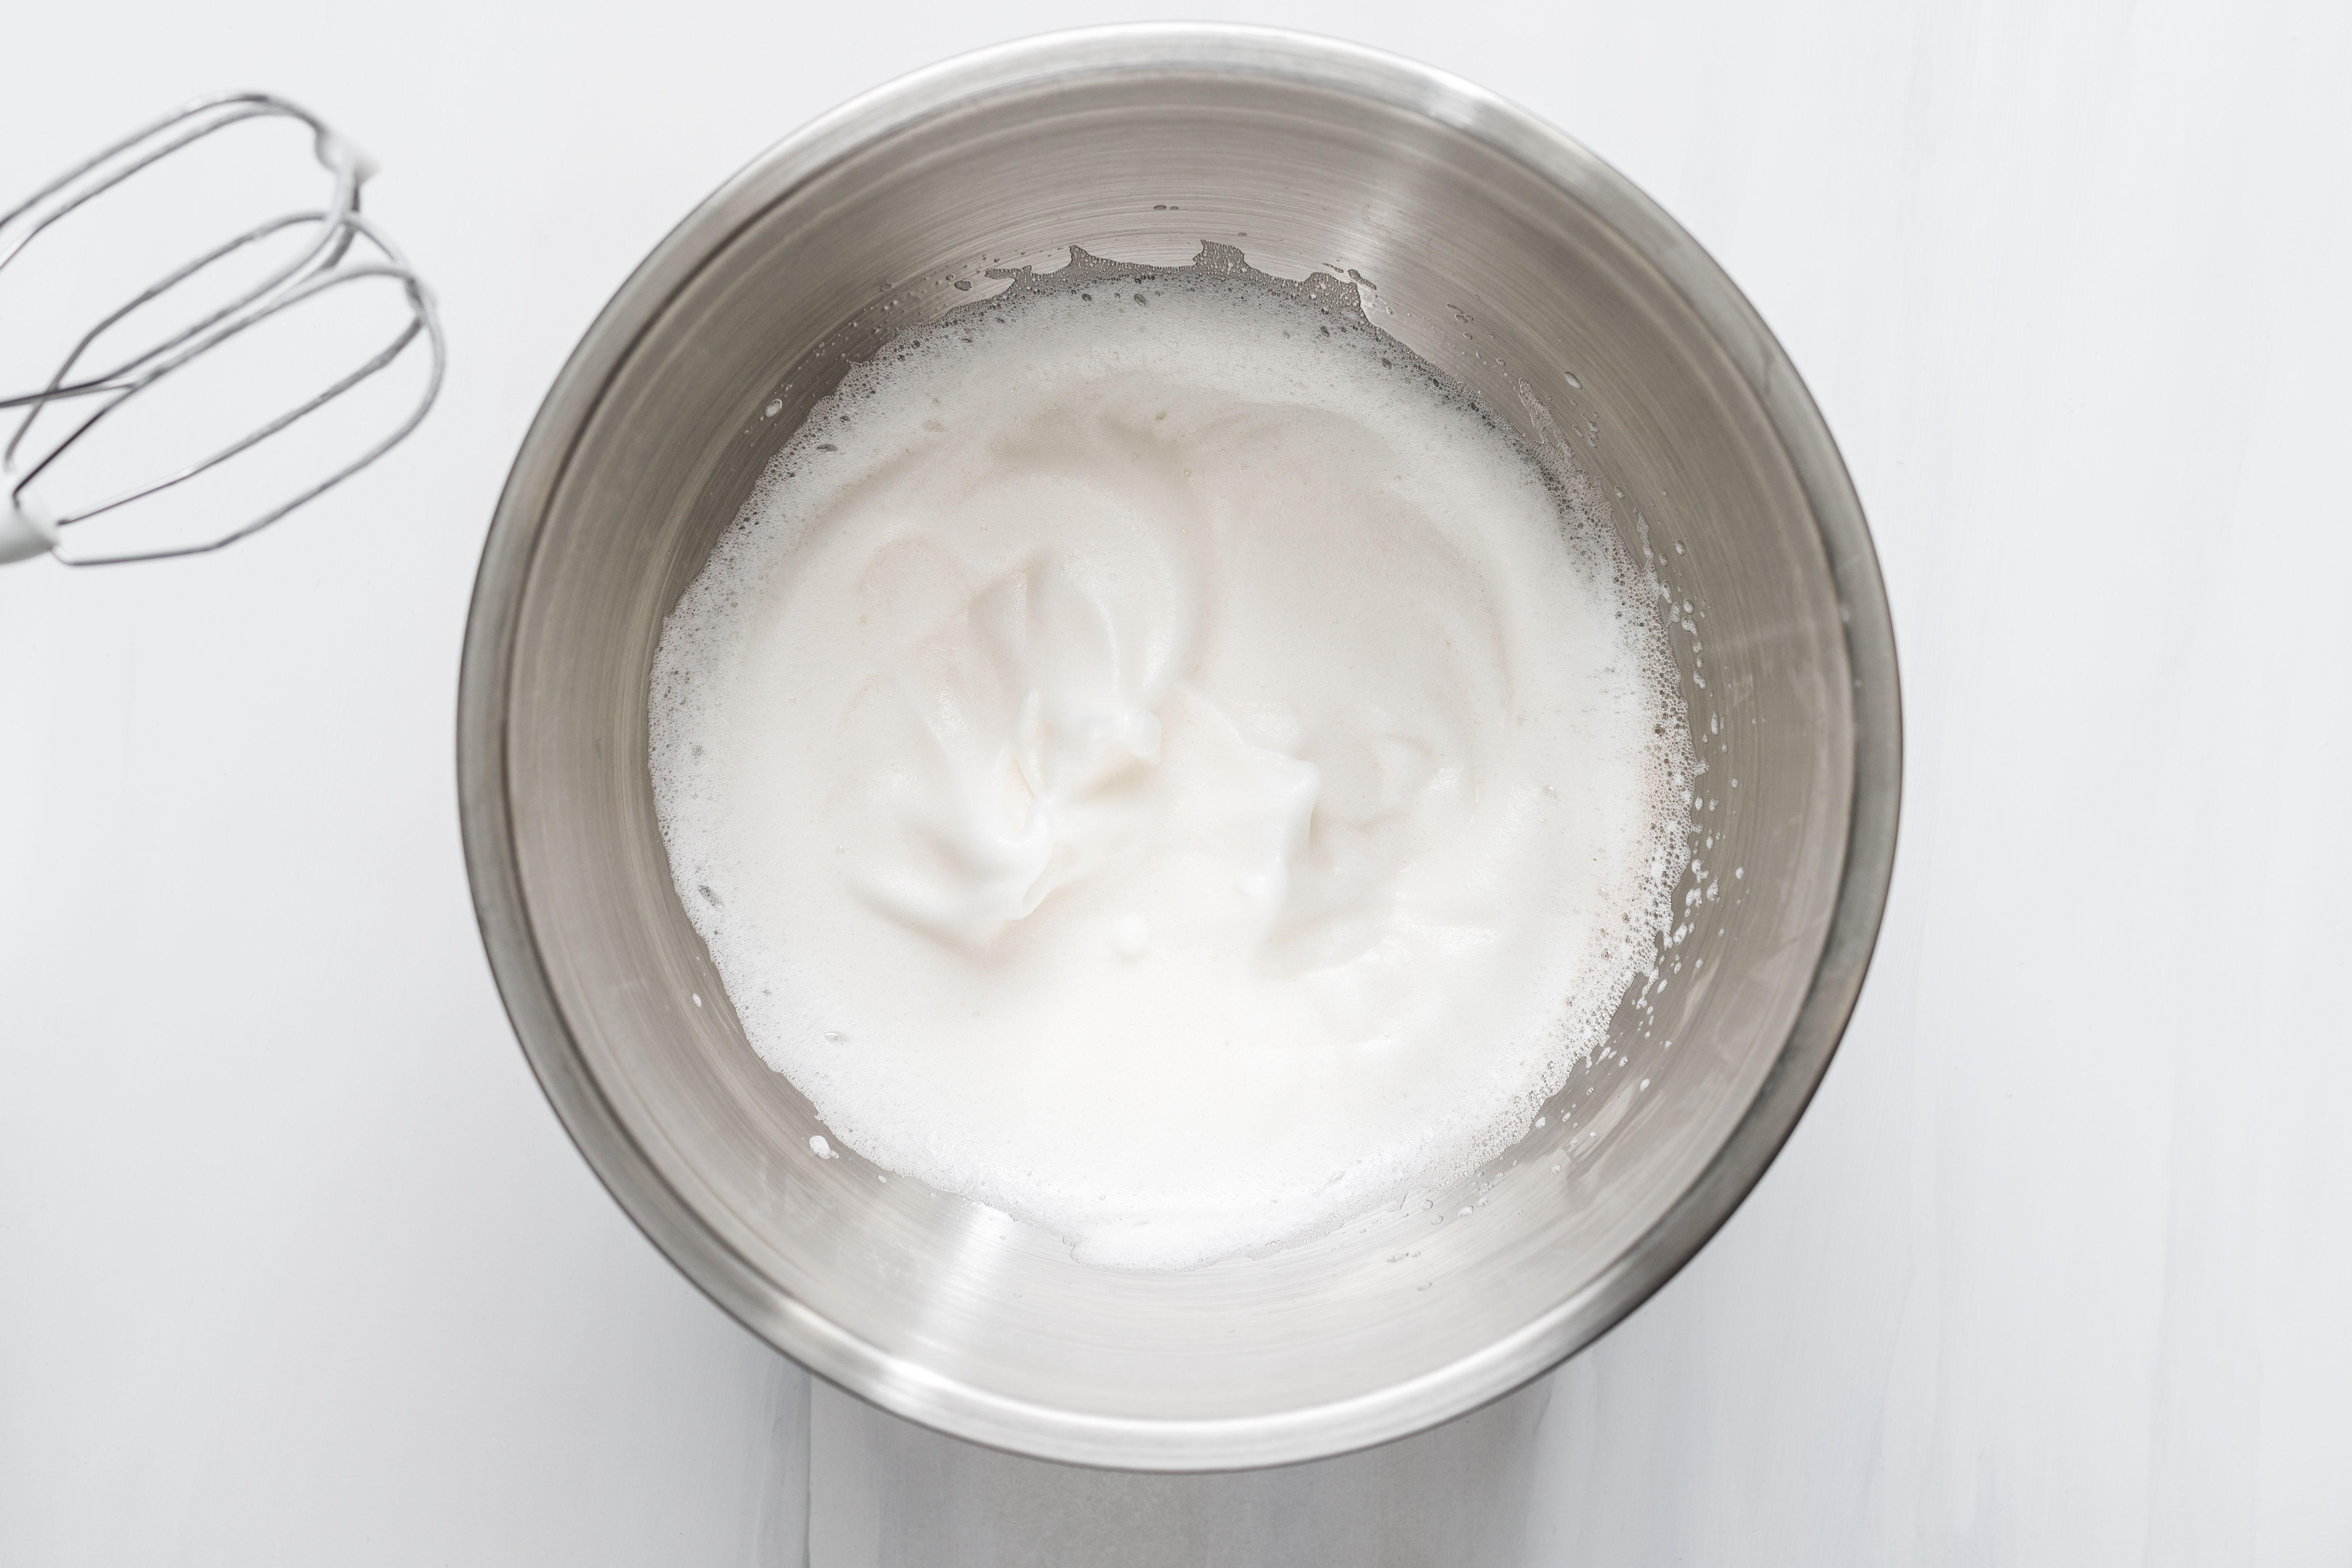 Beaten egg whites in metal bowl